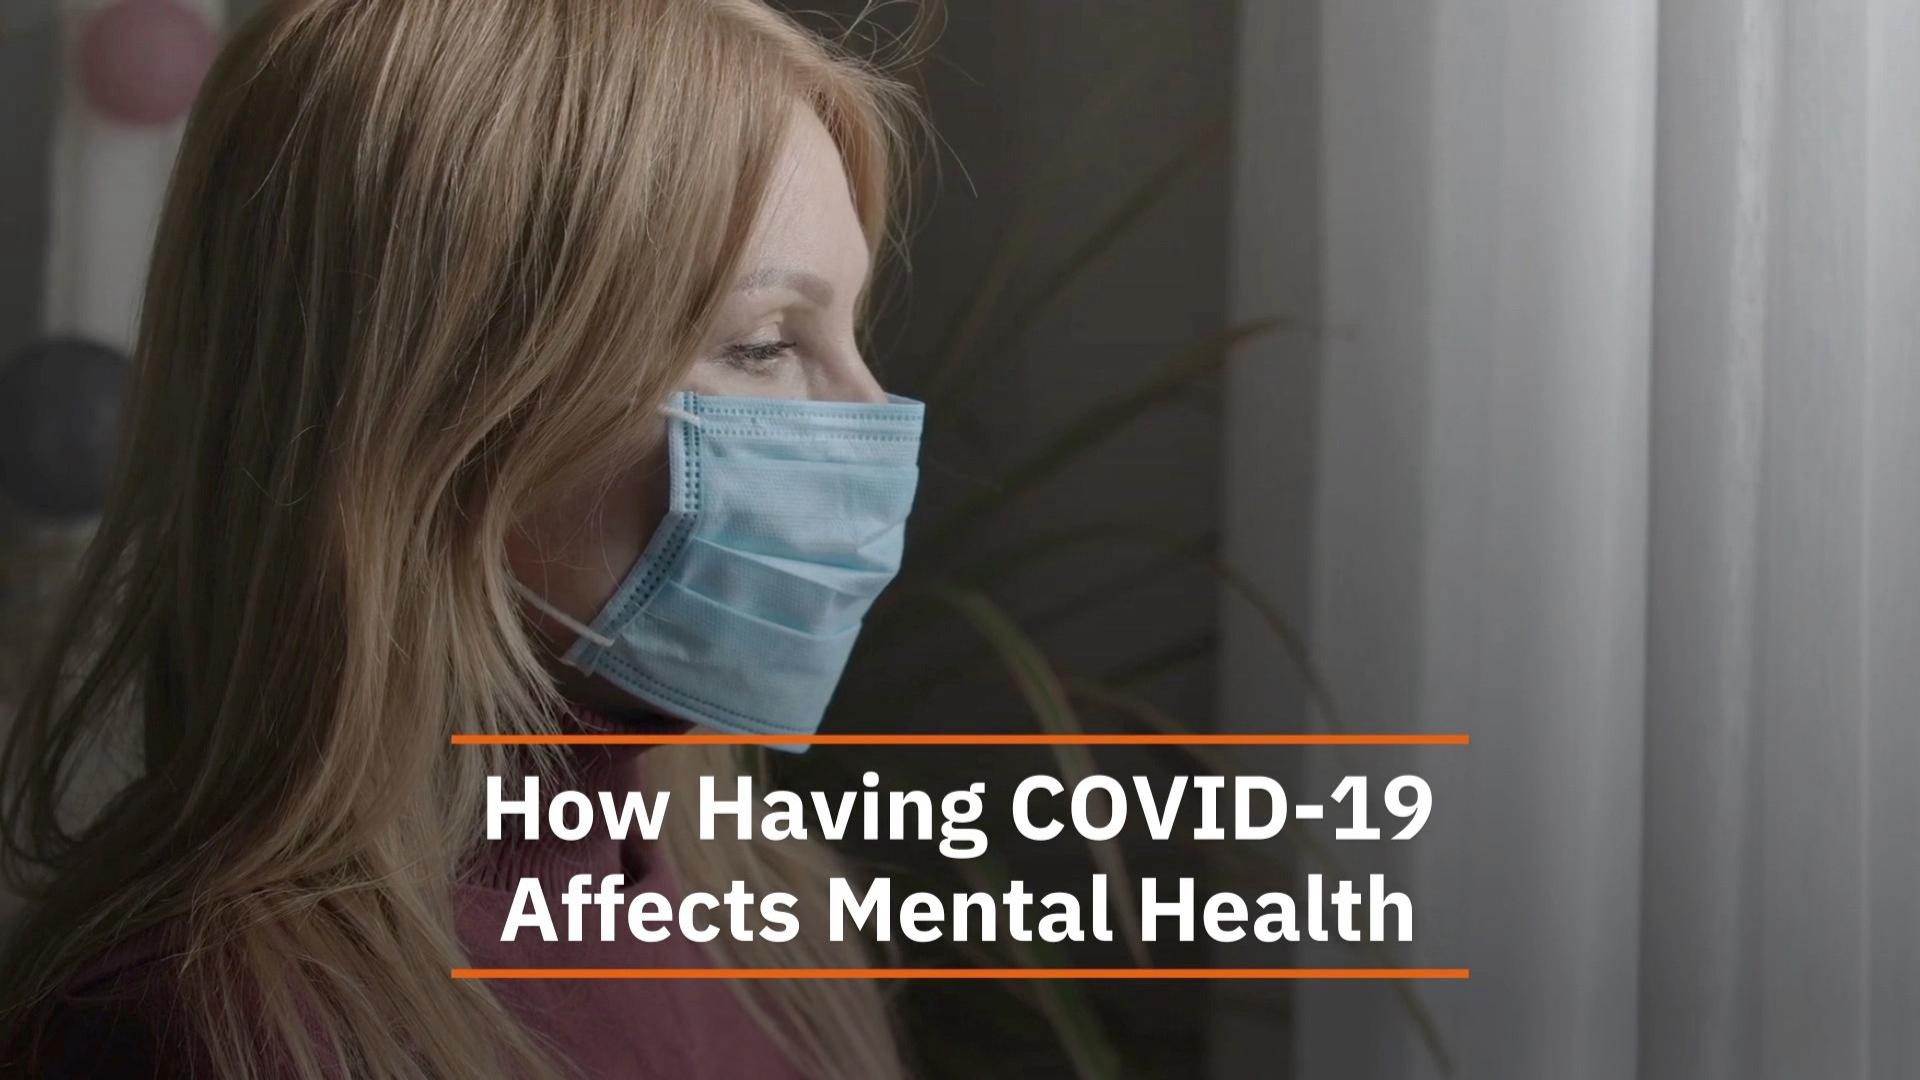 COVID-19 Attacks Mental Health